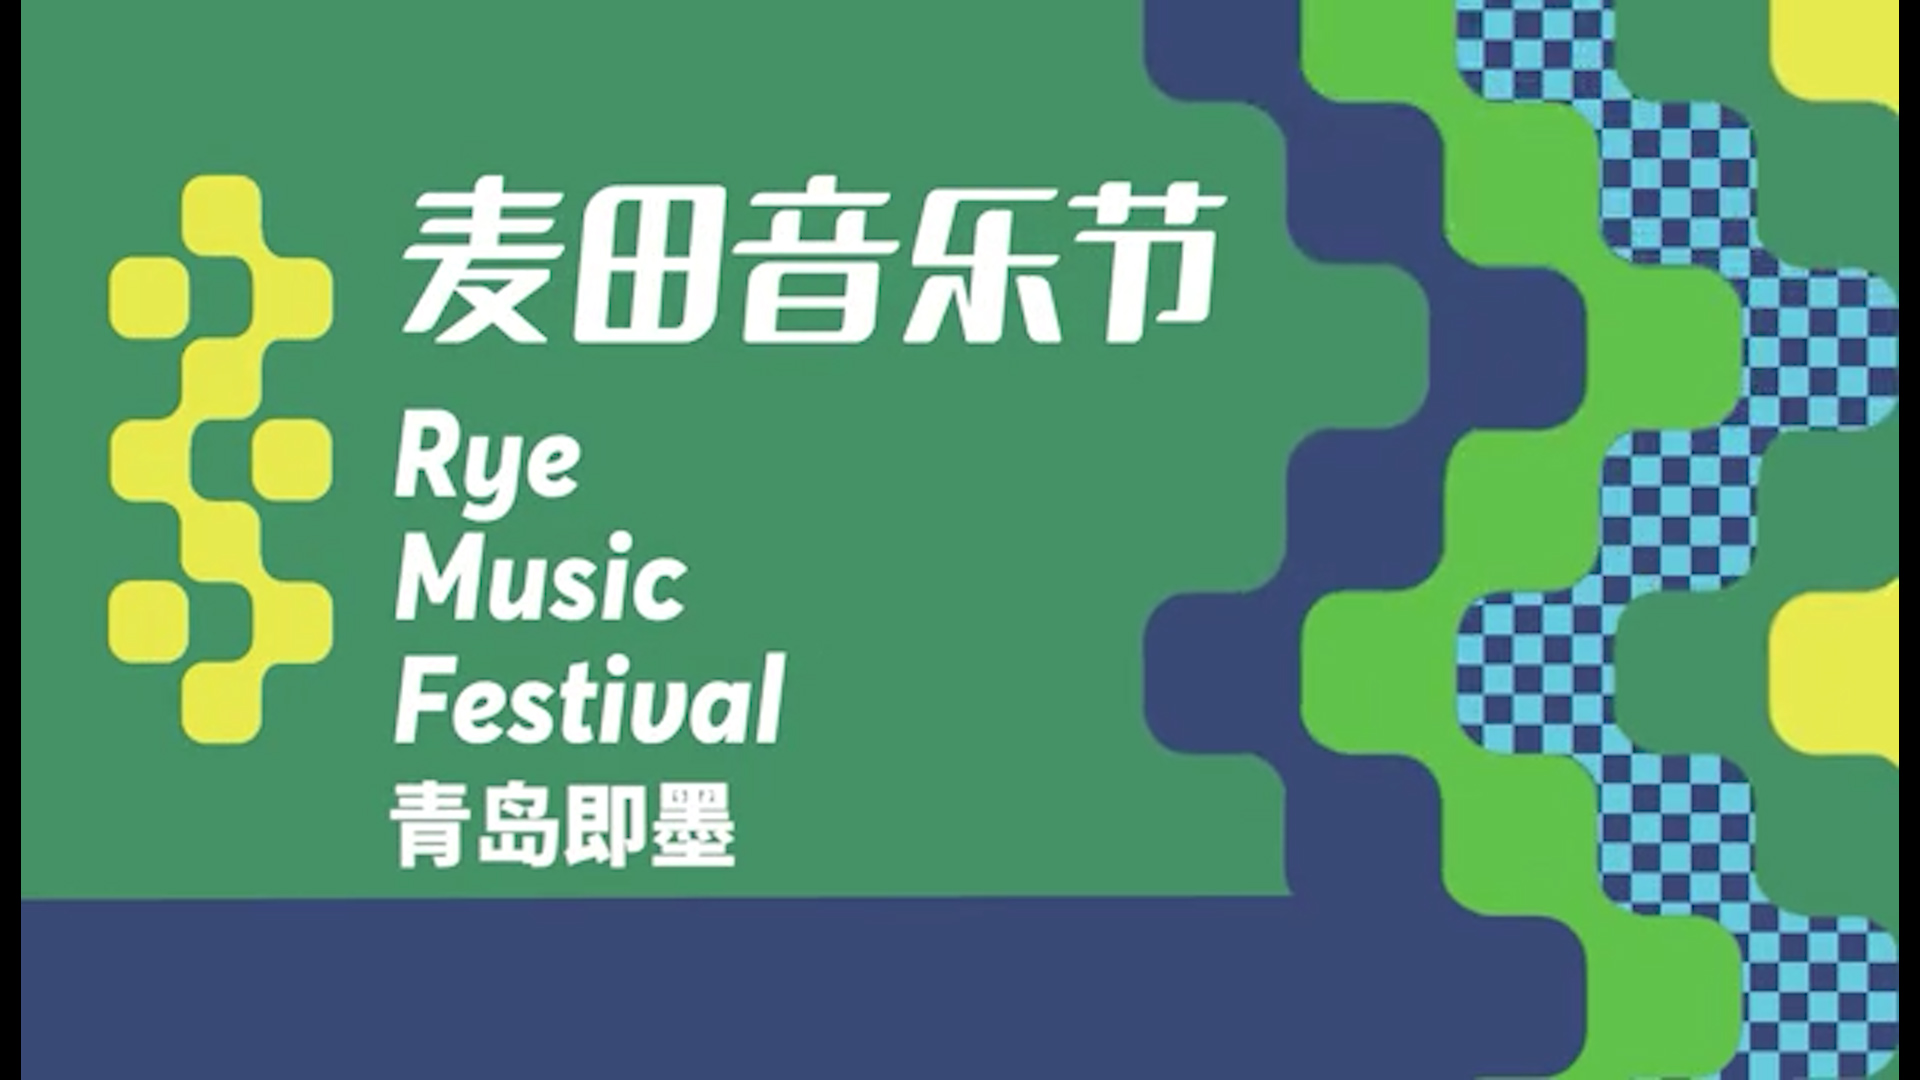 视频|青岛麦田音乐节全阵容ID来袭 和30组音乐人&乐队一起浪在今夏